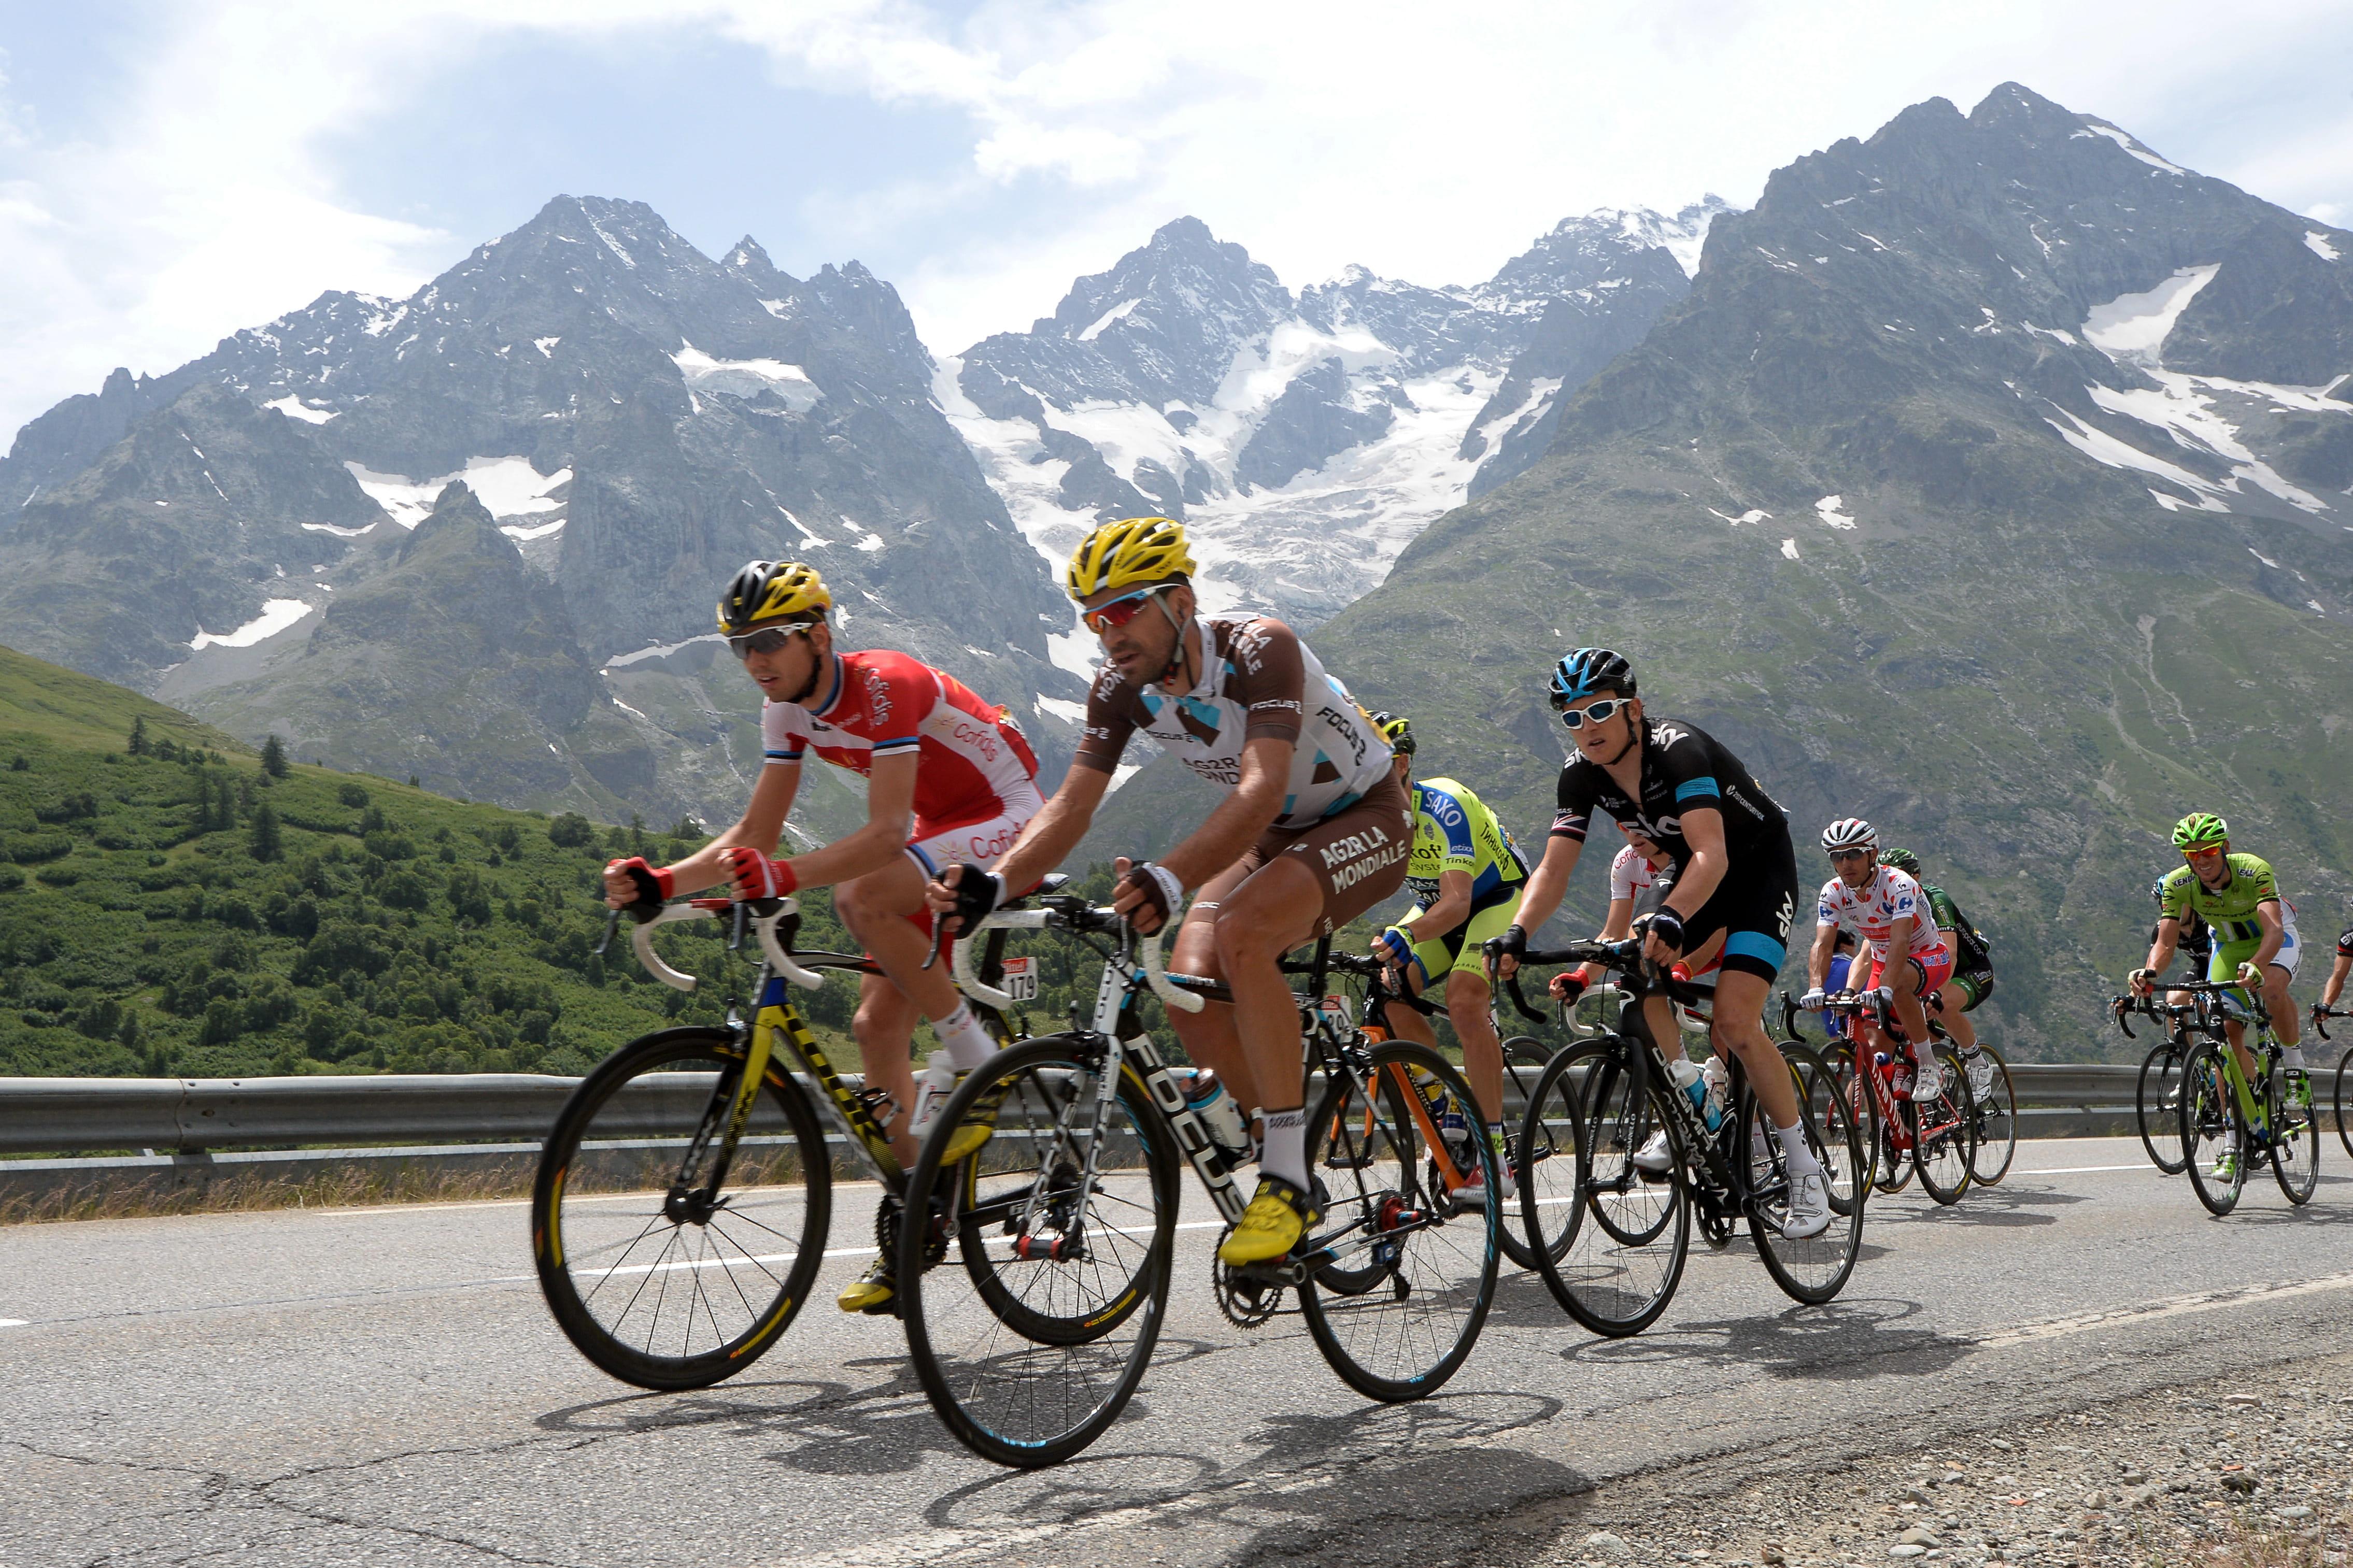 Tour de France 2013 : Dates et Circuit ! - Le Site de l'Evènementiel